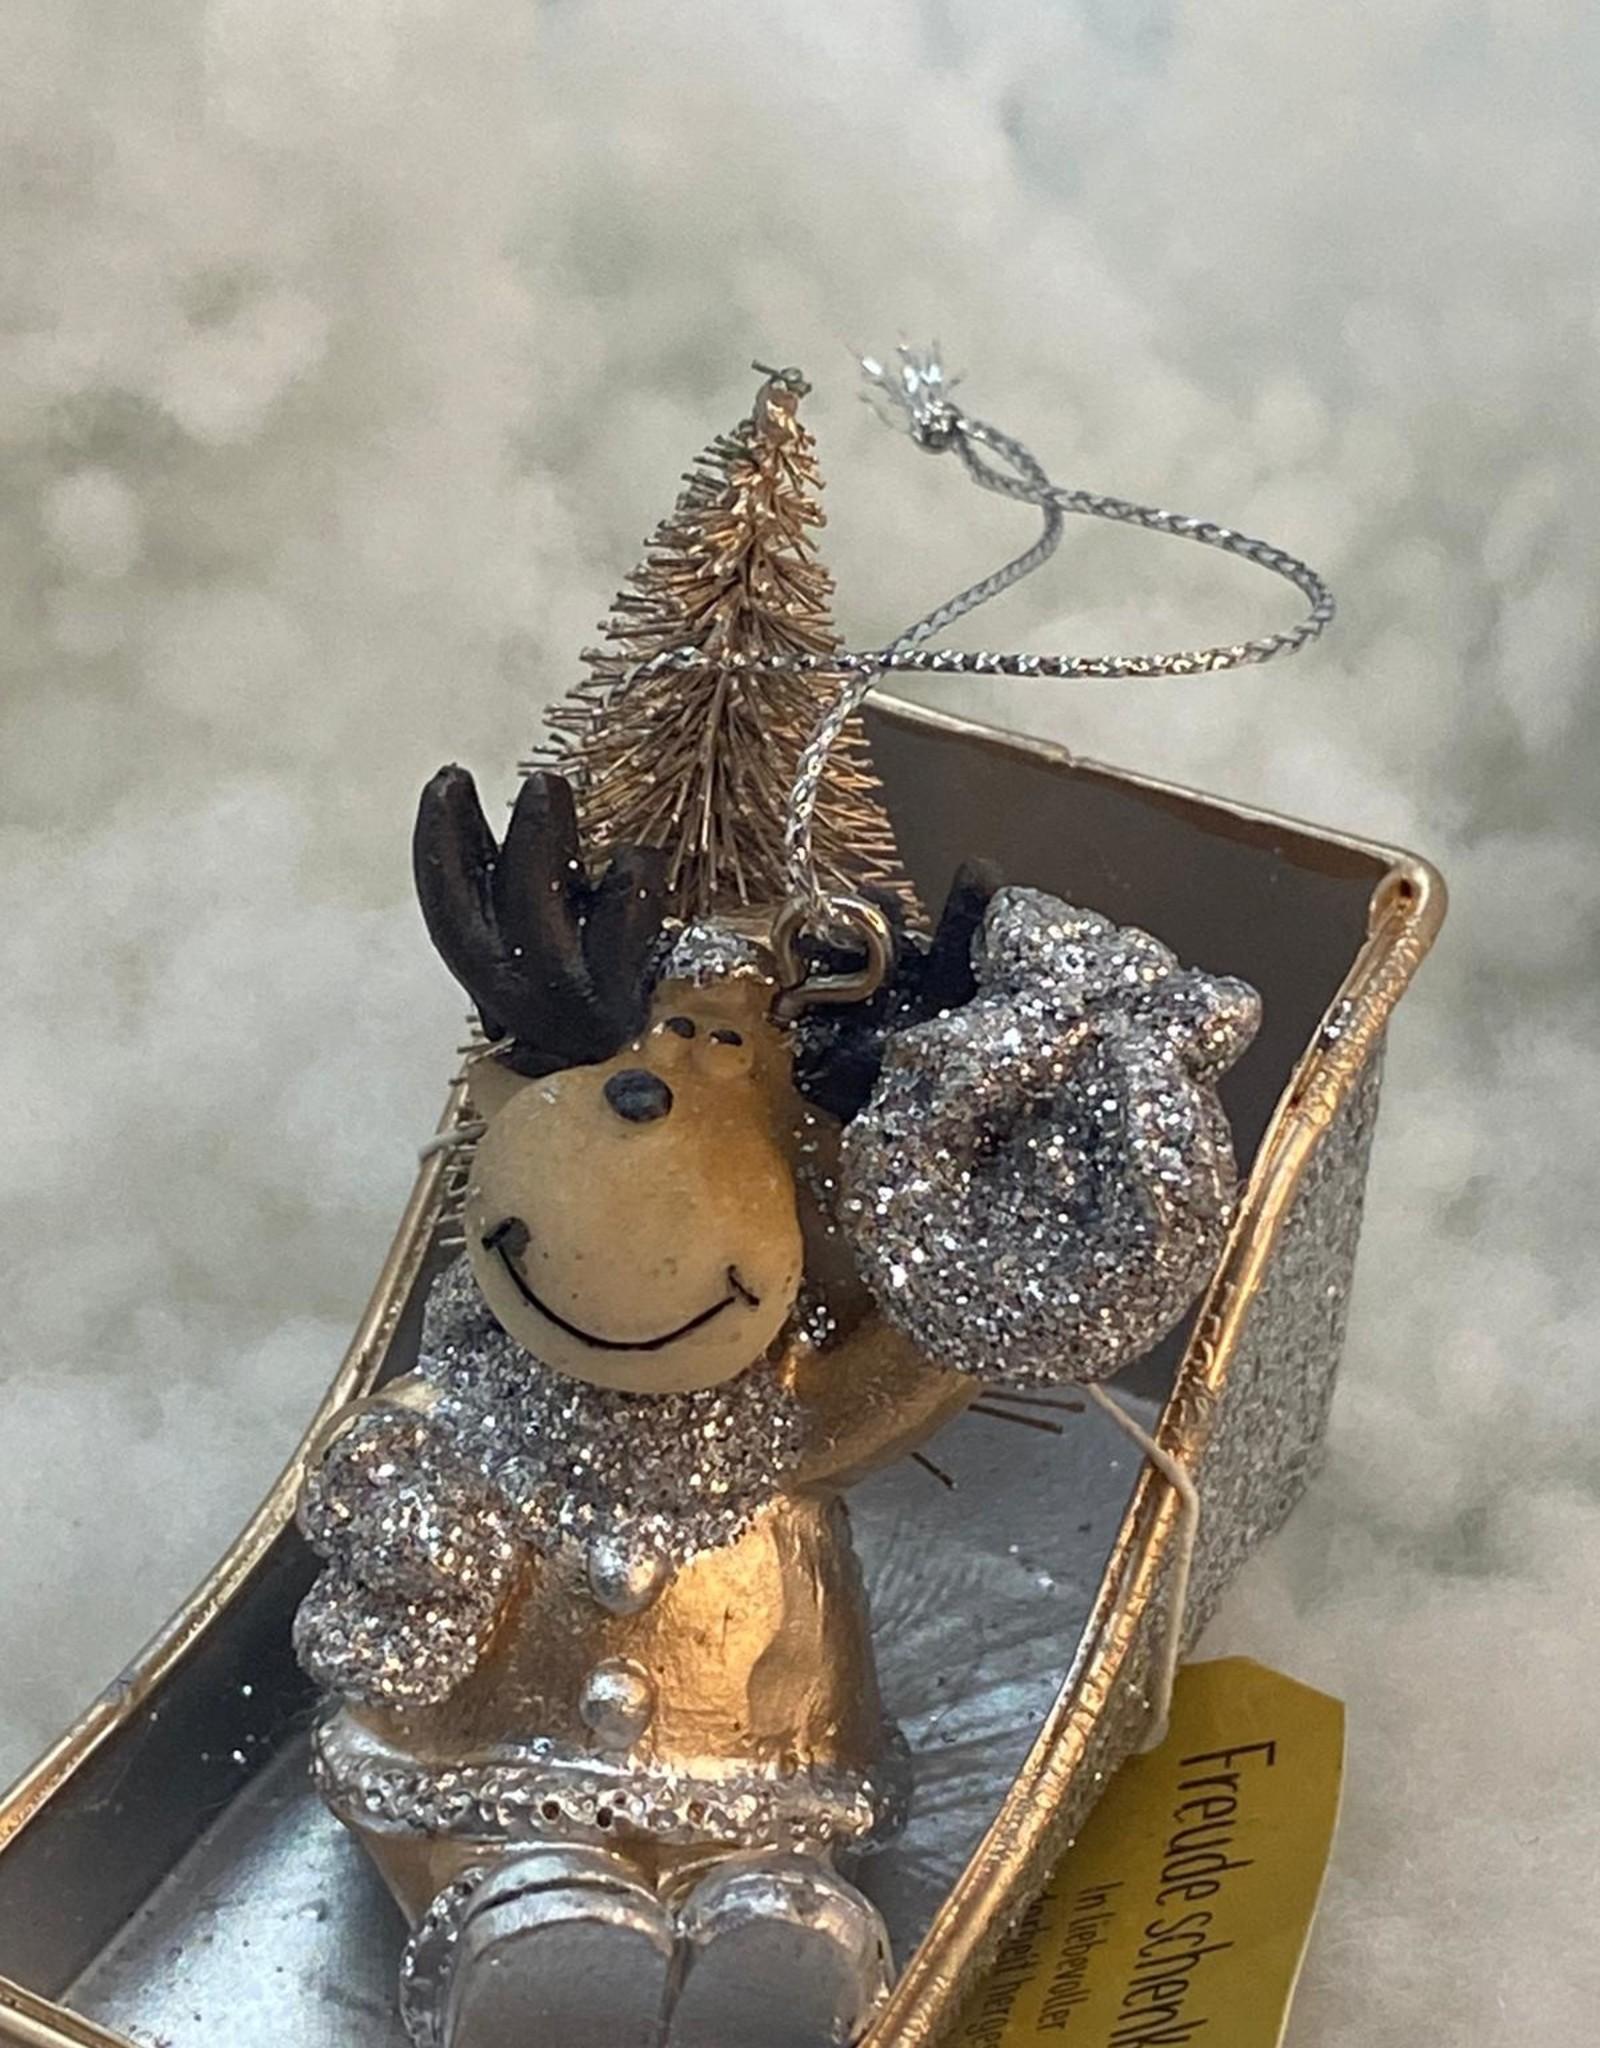 Kersthanger kerstman, sneeuwpop of Eland in de slee